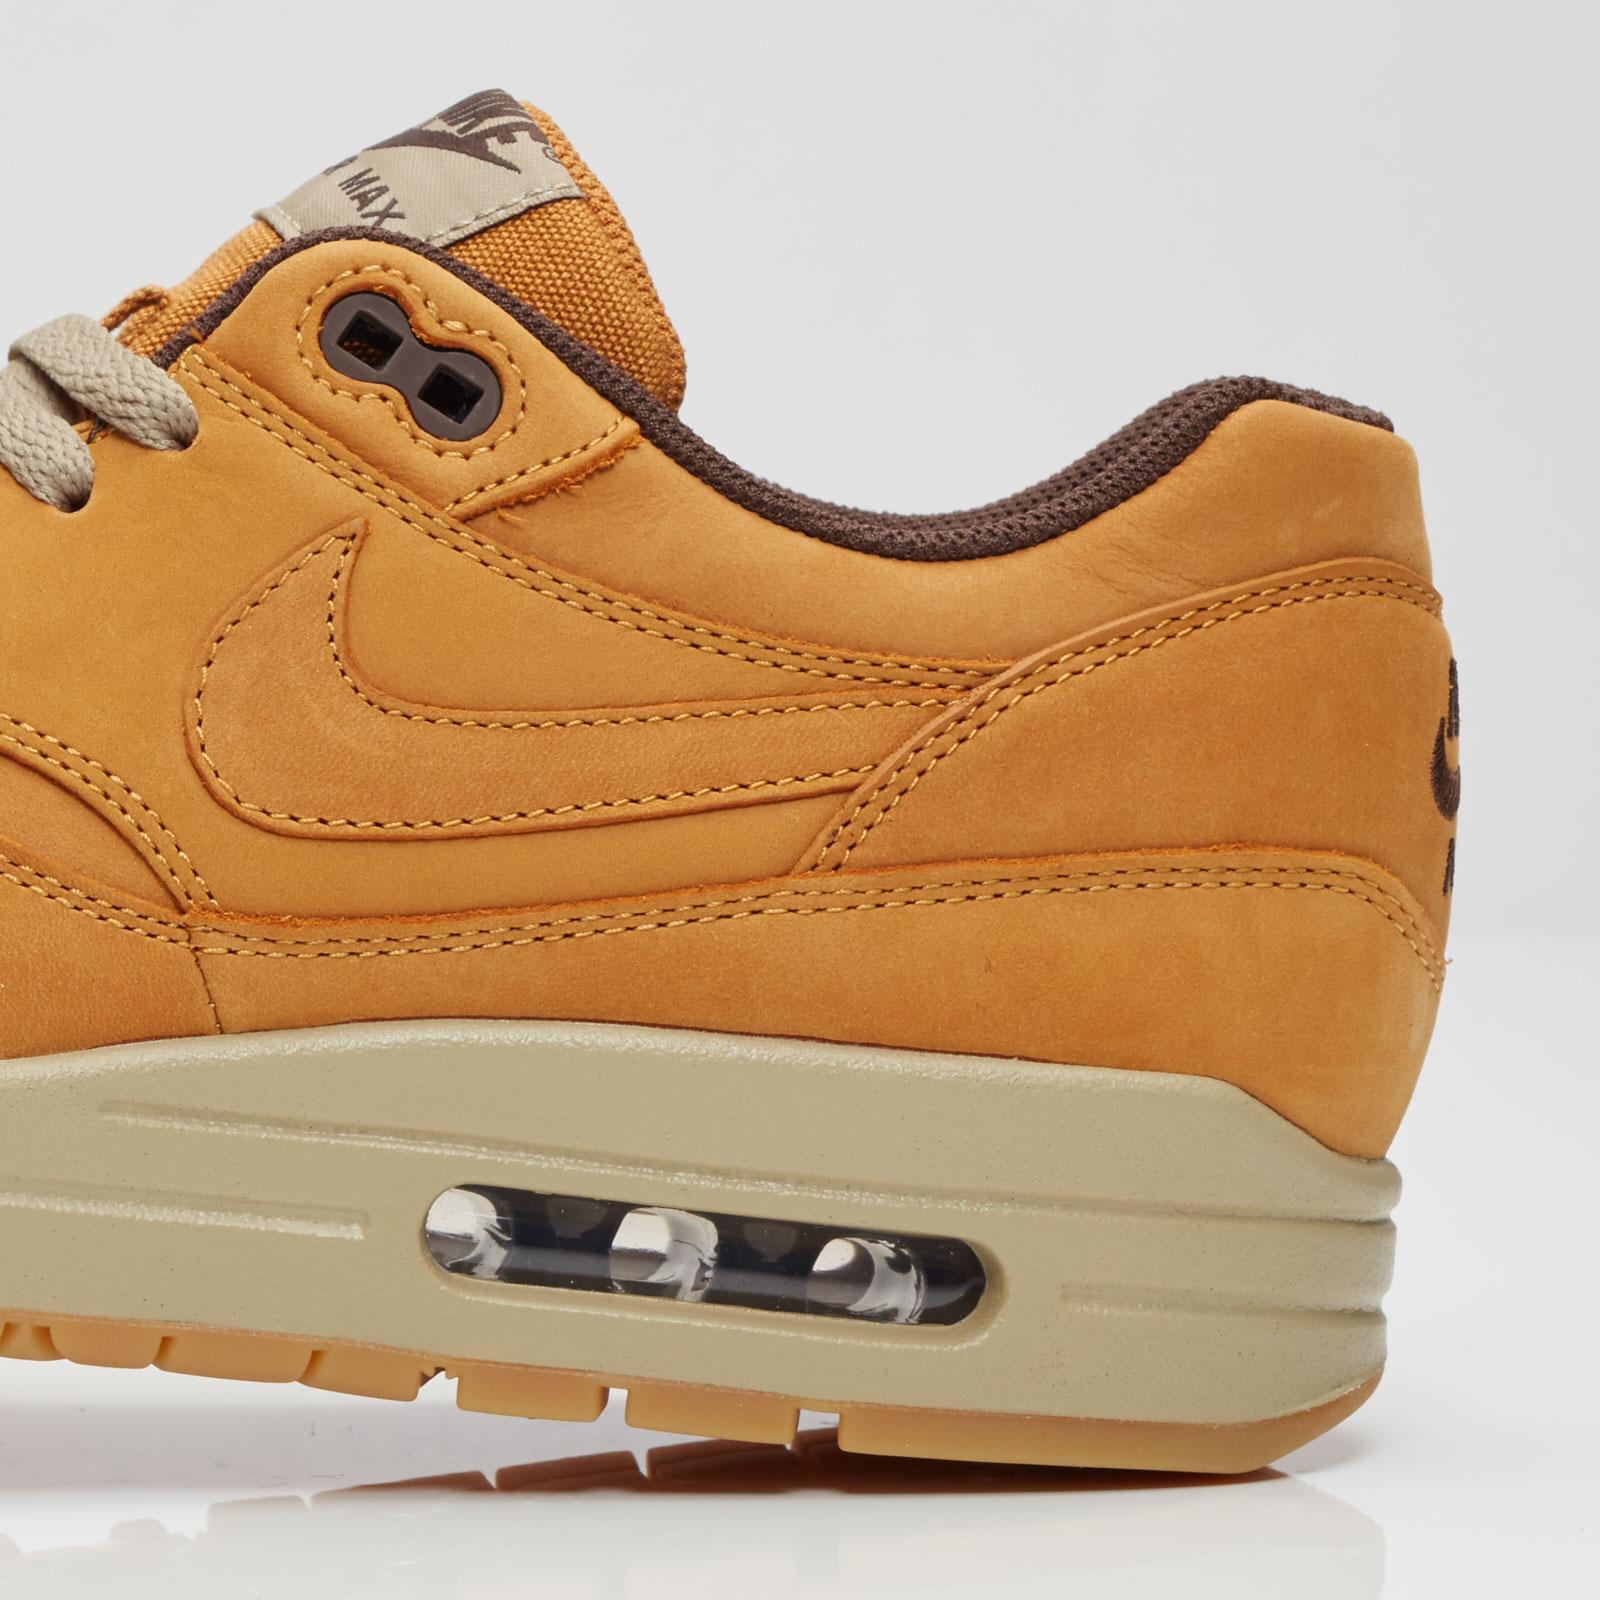 sports shoes 1a937 5e9ba ... Nike Air Max 1 Leather Premium